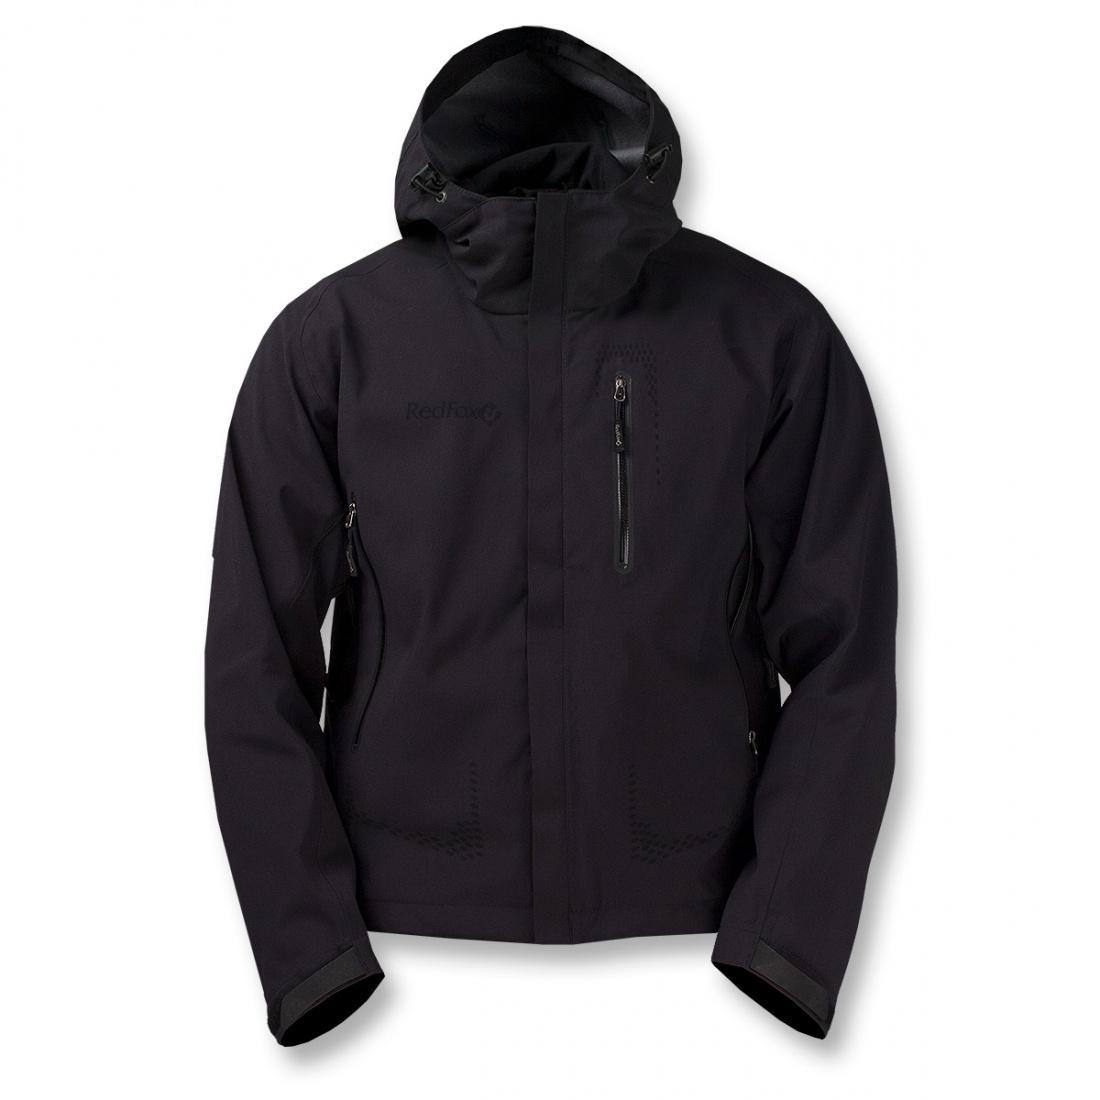 Куртка Tiger WS MКуртки<br><br> Высокотехнологичная мужская ветрозащитная куртка<br> <br> <br> Серия Pro Line<br> <br><br><br>Технический альпинизм, скалолазание.<br>Материал: WINDSTOPPER® Soft Shell<br>Вес: 550гр<br>Матер...<br><br>Цвет: Черный<br>Размер: 46